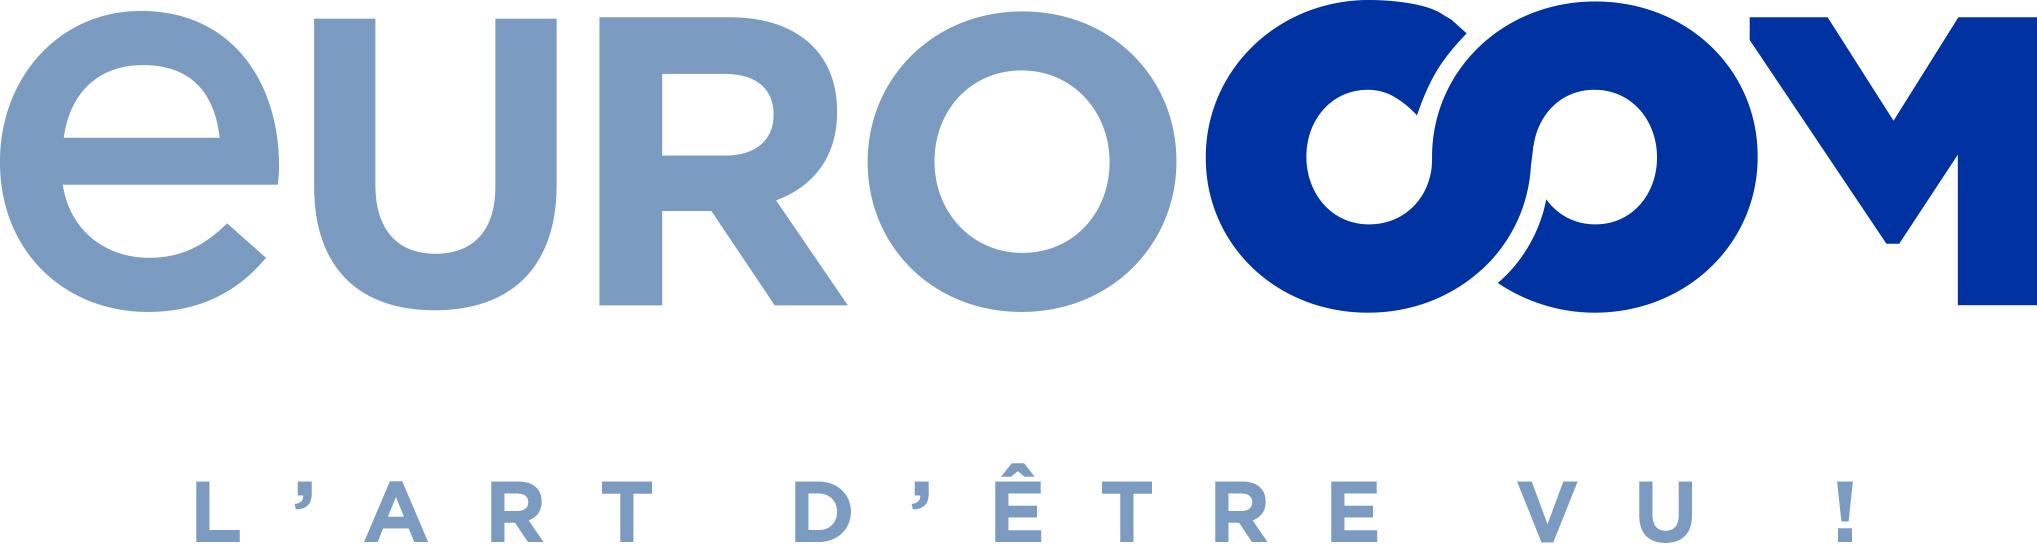 LOGO EUROCOM 2018